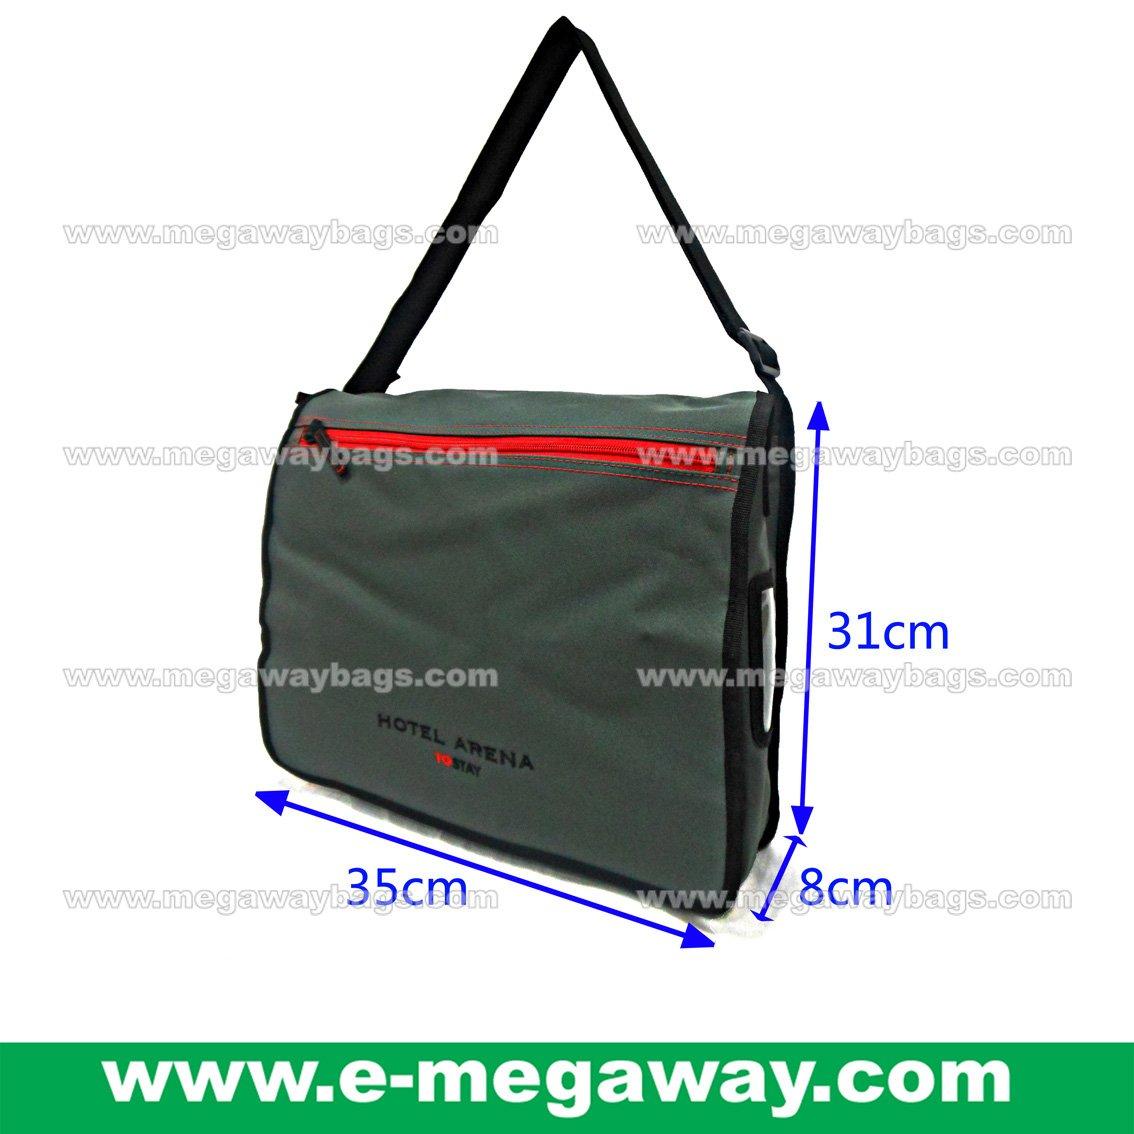 Hotel Arena Travel Shoulder Bag Folder Portfolios Messenger Promotion MegawayBags #CC-0997